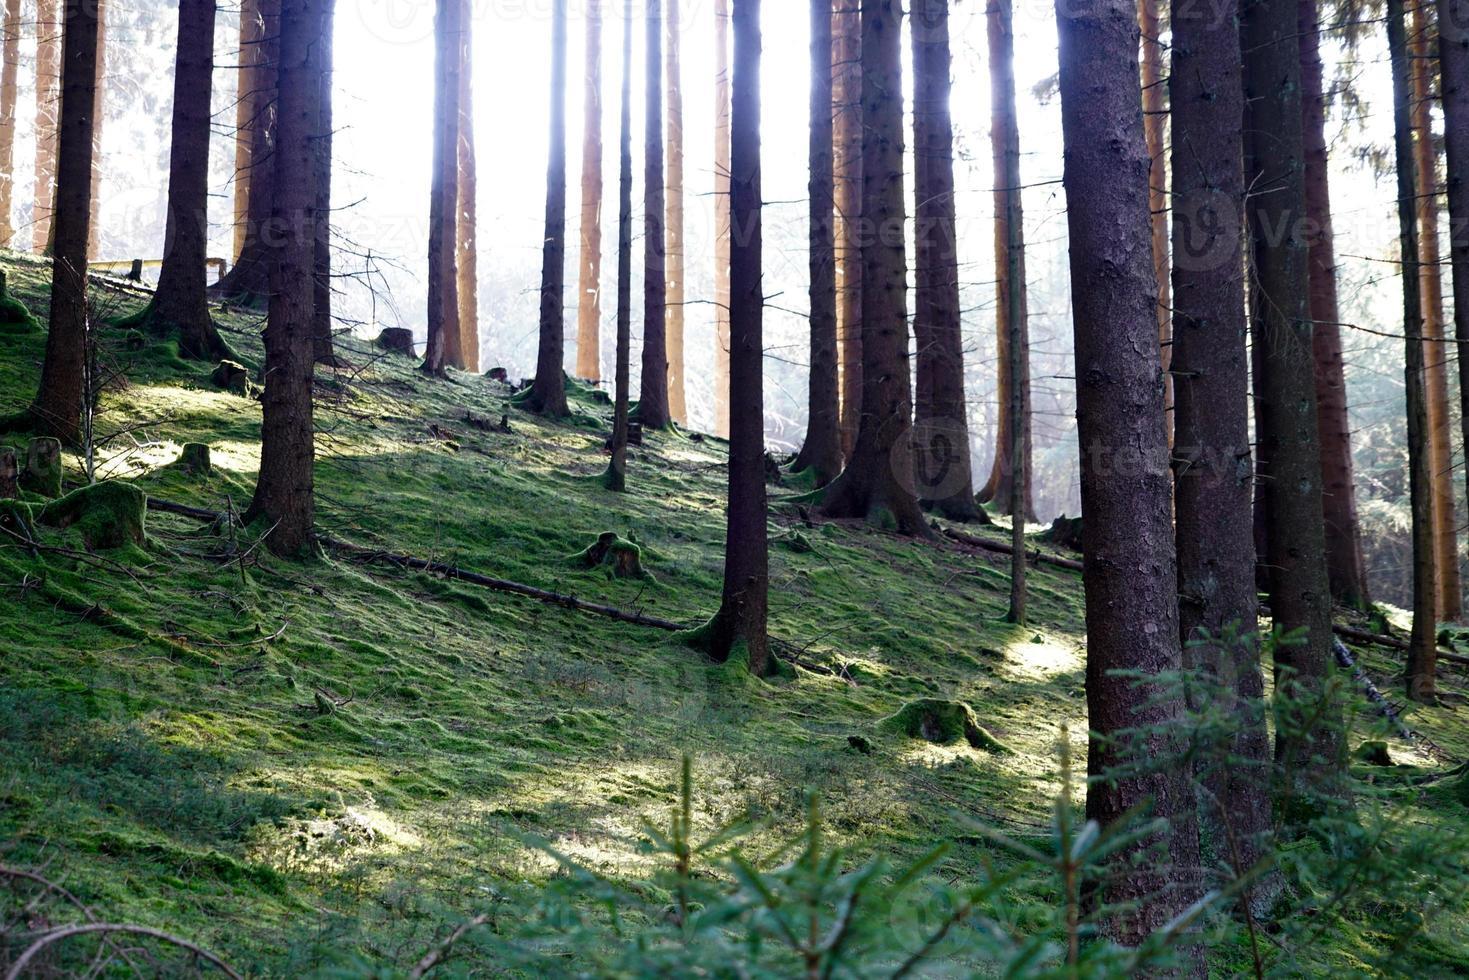 sol brillando en el fondo de musgo de un bosque foto